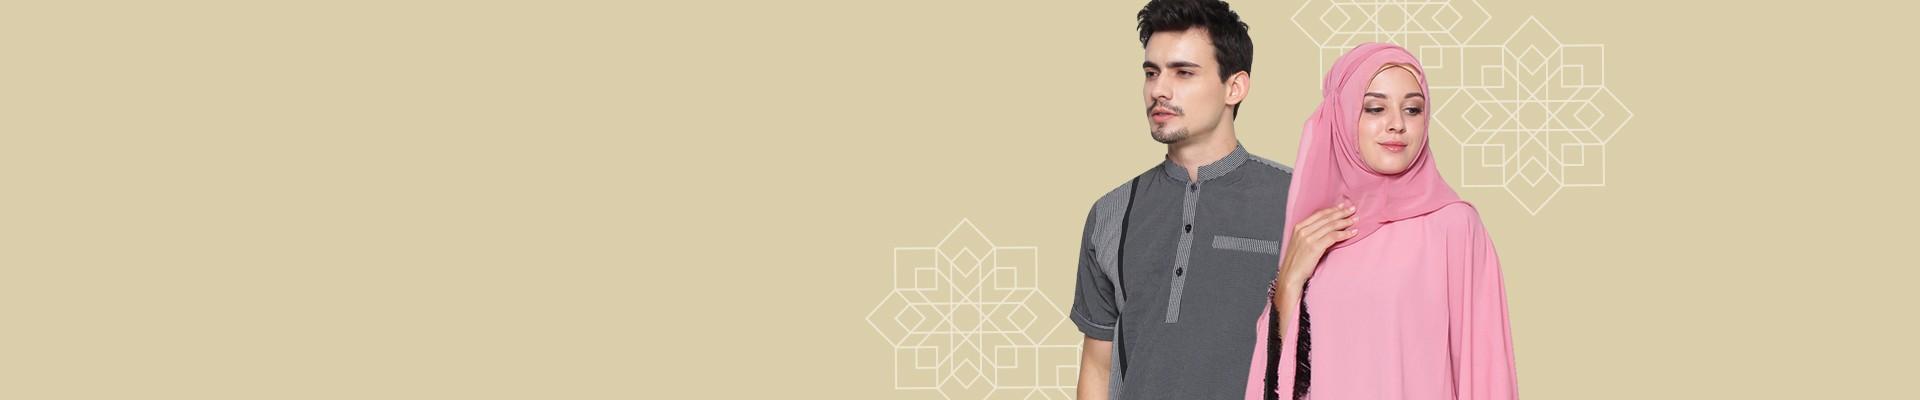 Jual Baju Muslim Terbaru - Model Busana Modern - Harga Grosir